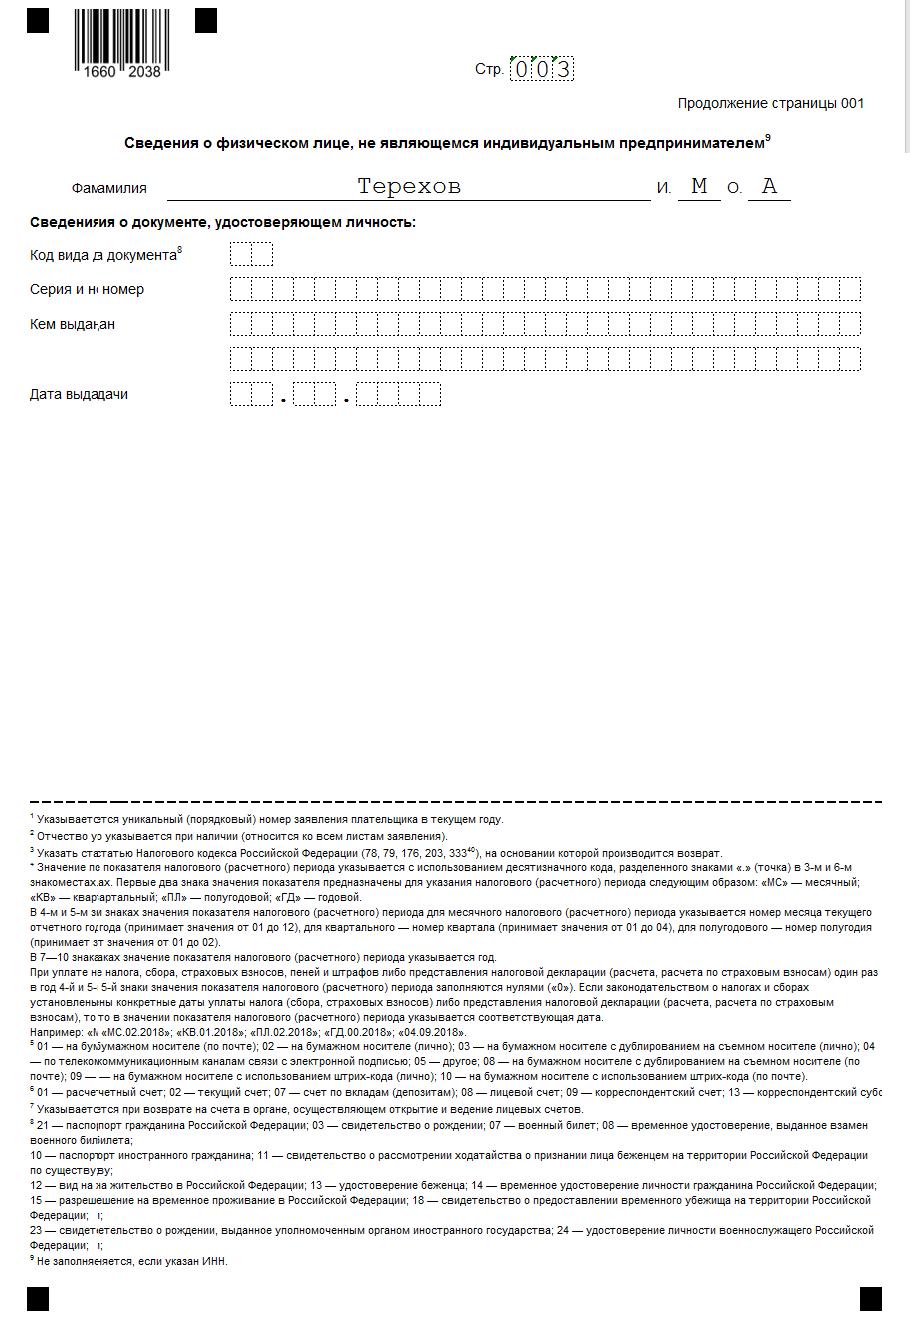 Заявление на возврат НДФЛ по форме ФНС